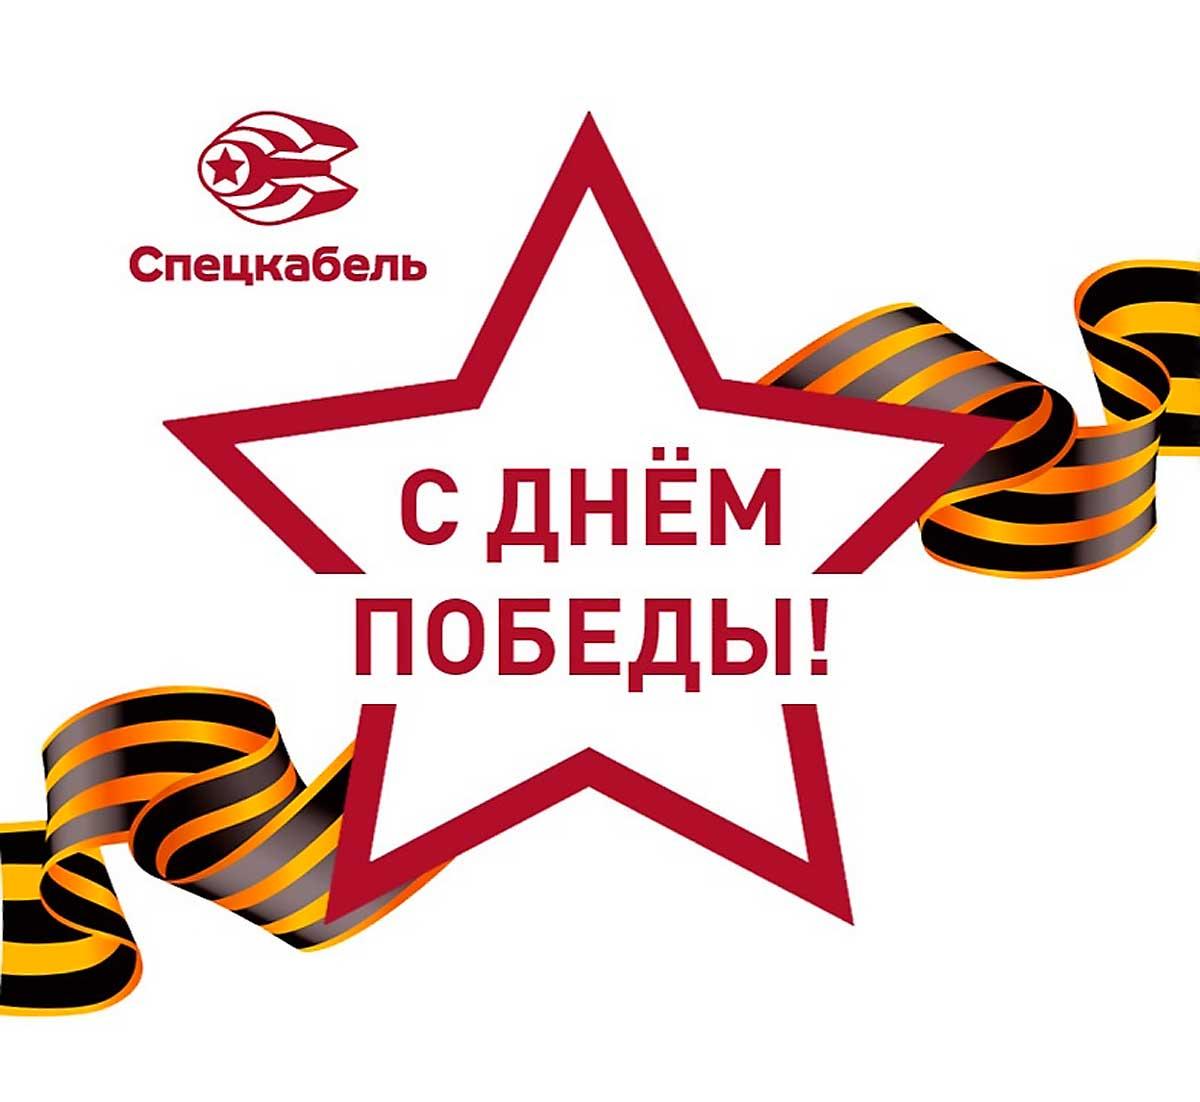 Завод СПЕЦКАБЕЛЬ поздравляет с Днем Победы